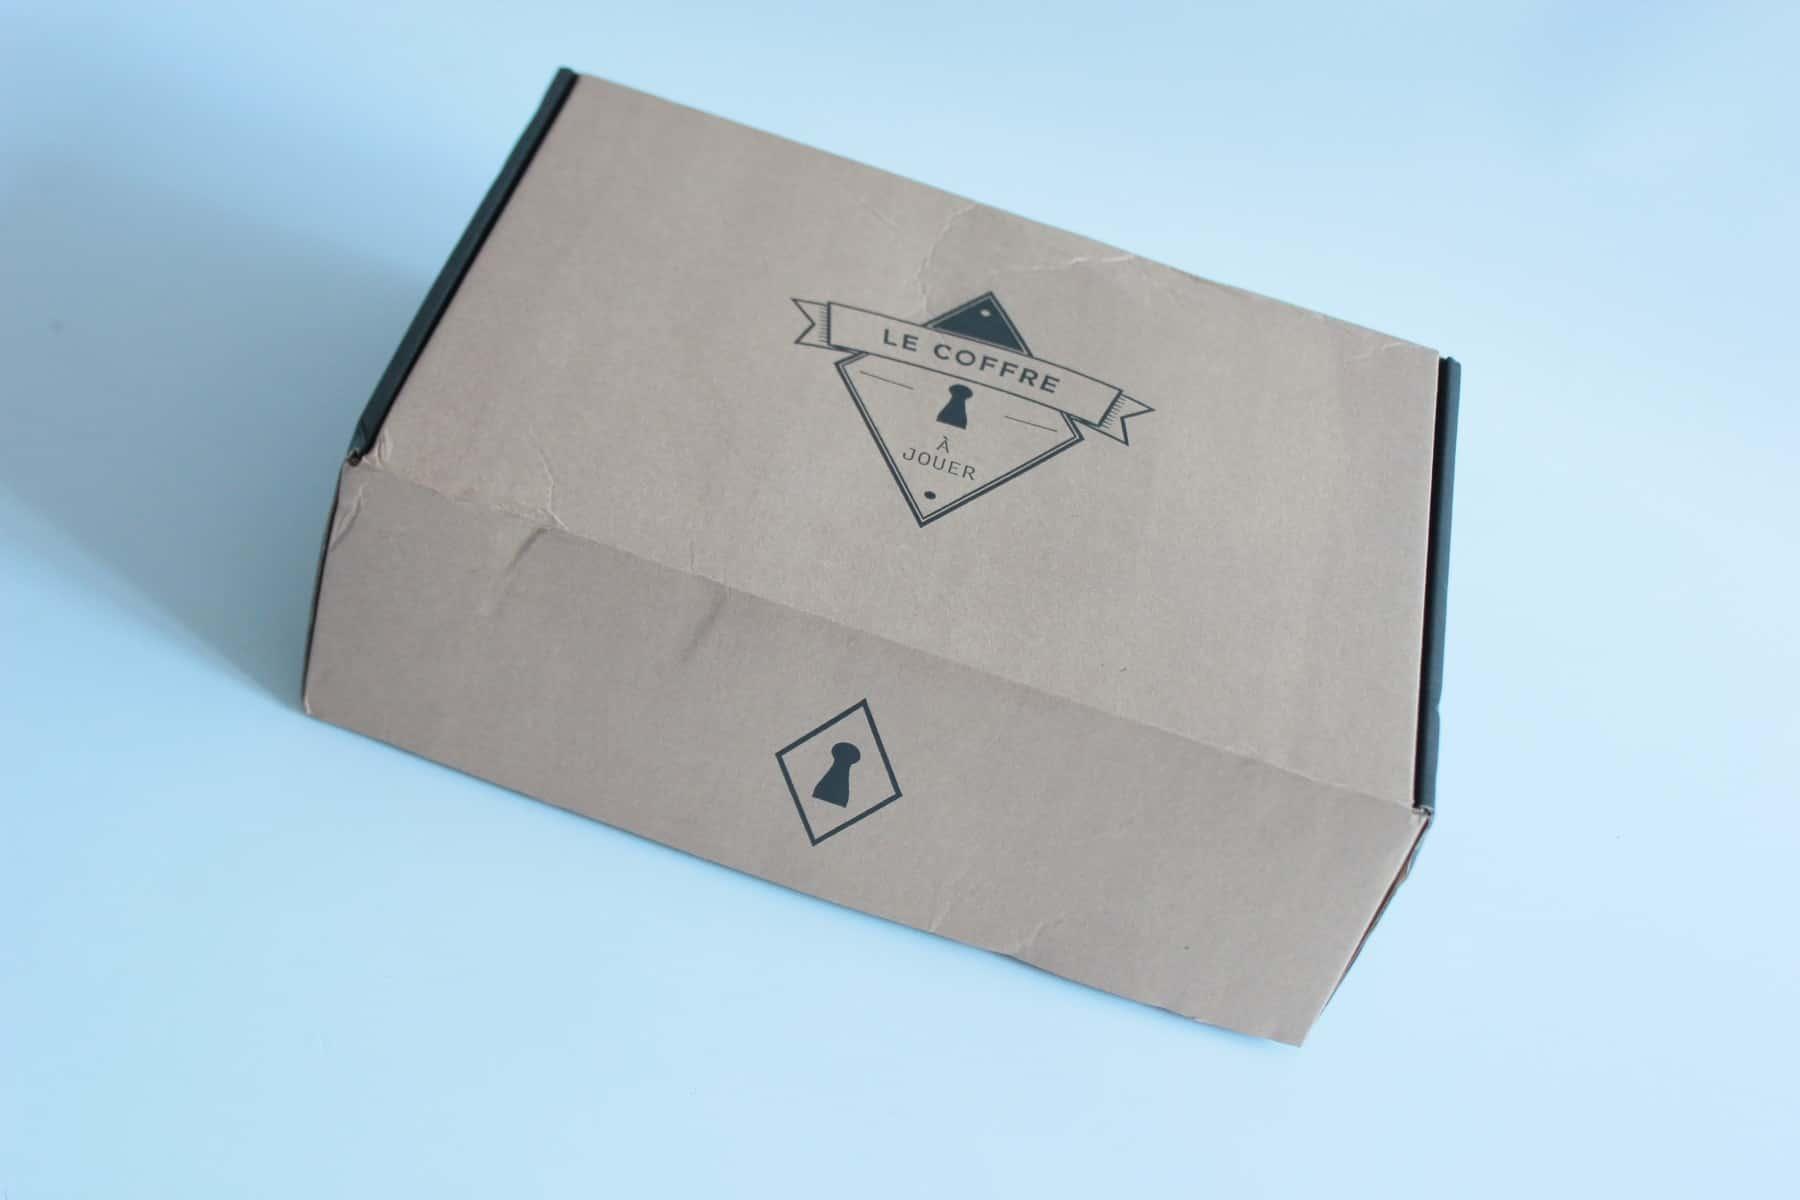 le coffre jouer de janvier 2016 toutes les box. Black Bedroom Furniture Sets. Home Design Ideas